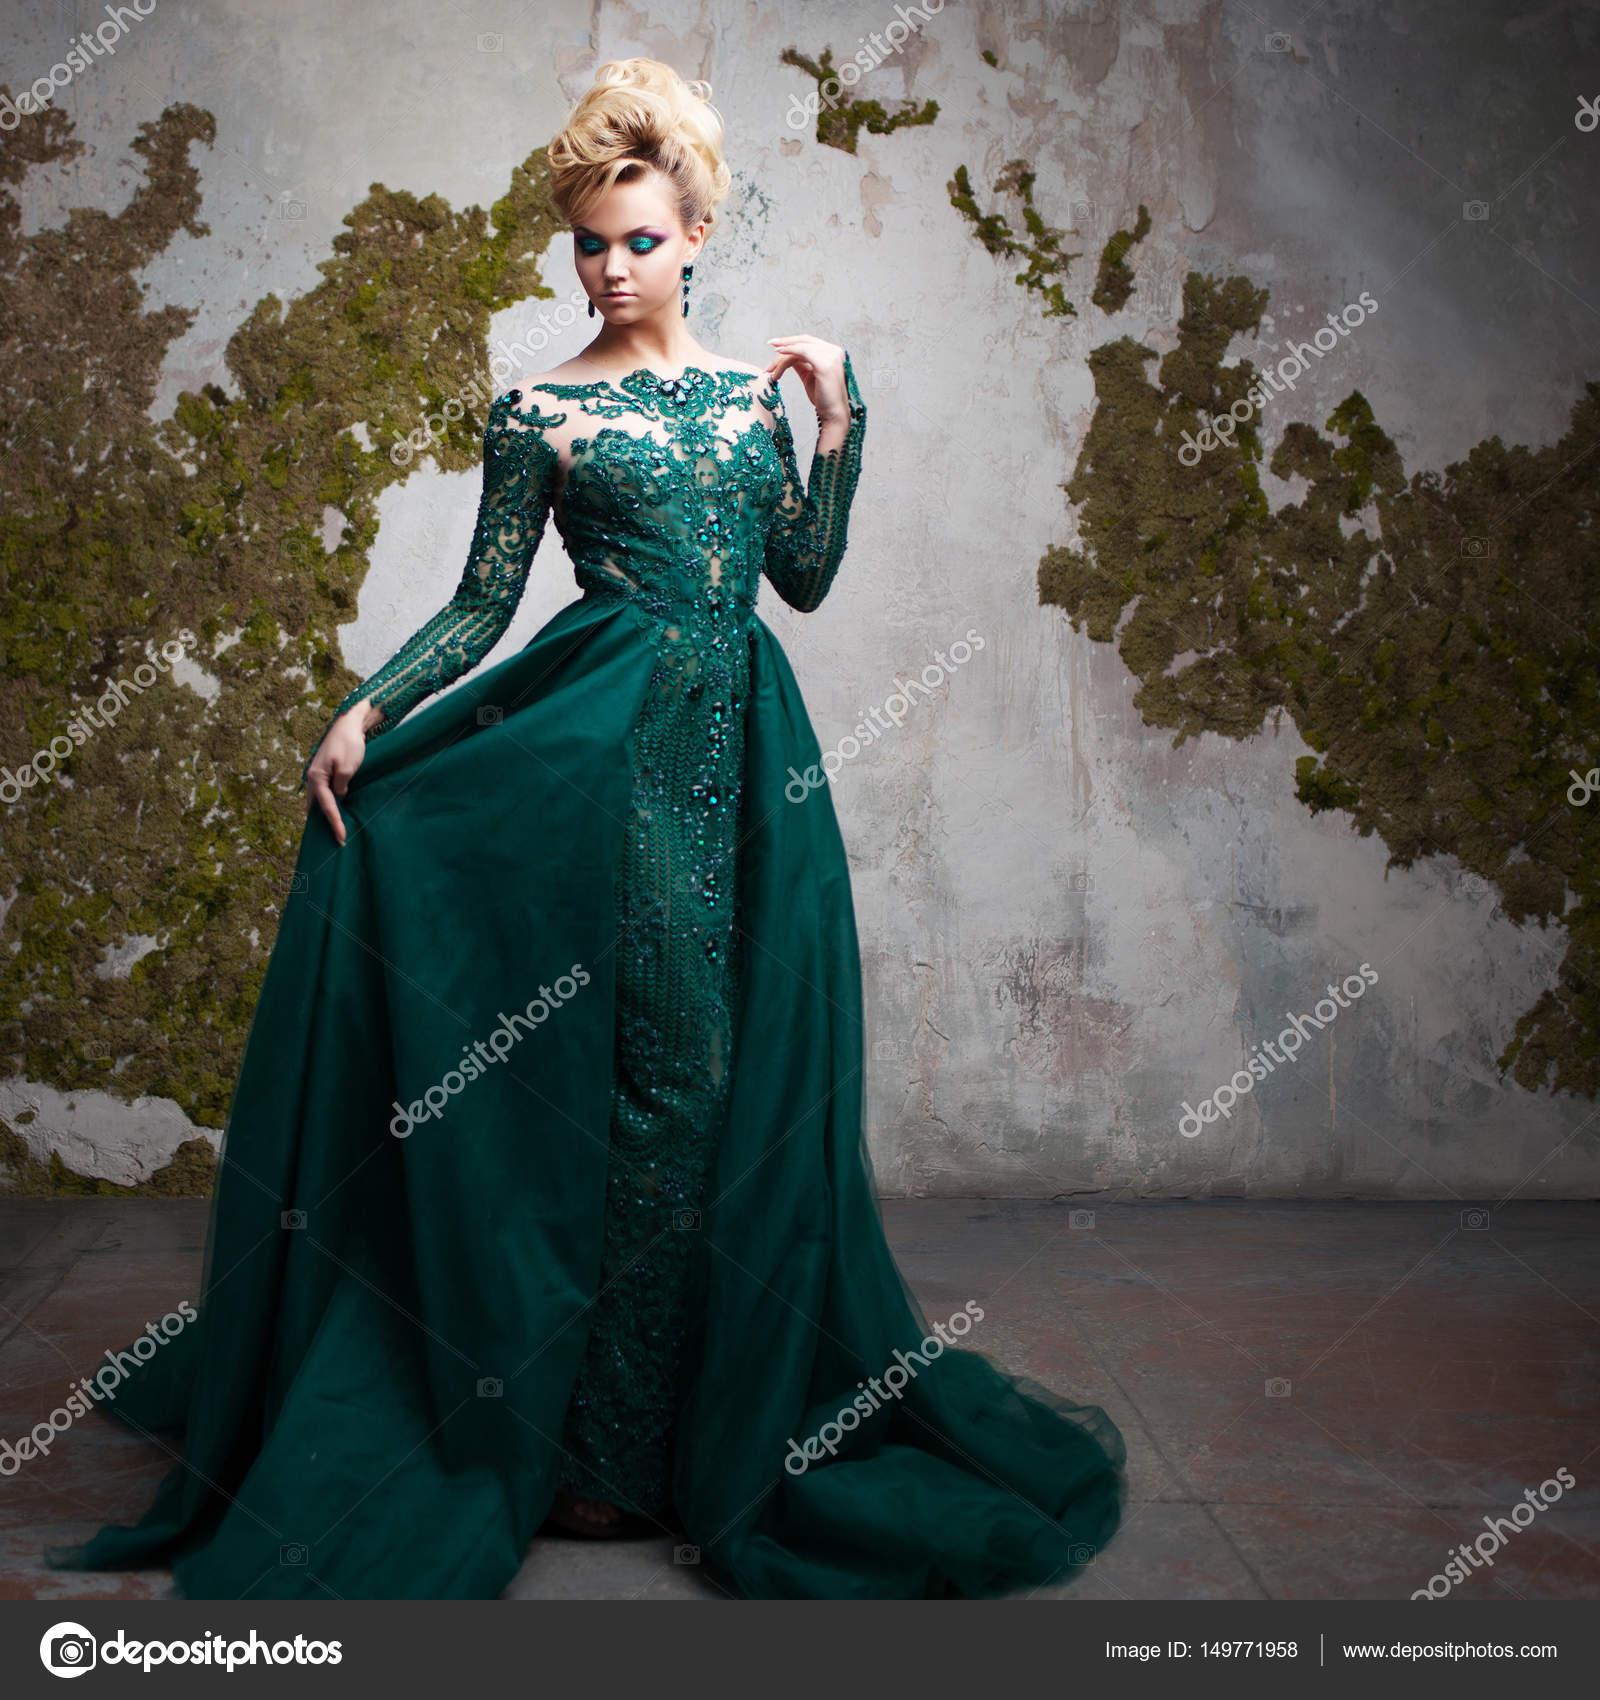 531c77fabf0 Portrait de jeune femme blonde séduisante dans une magnifique robe verte.  Fond texturé